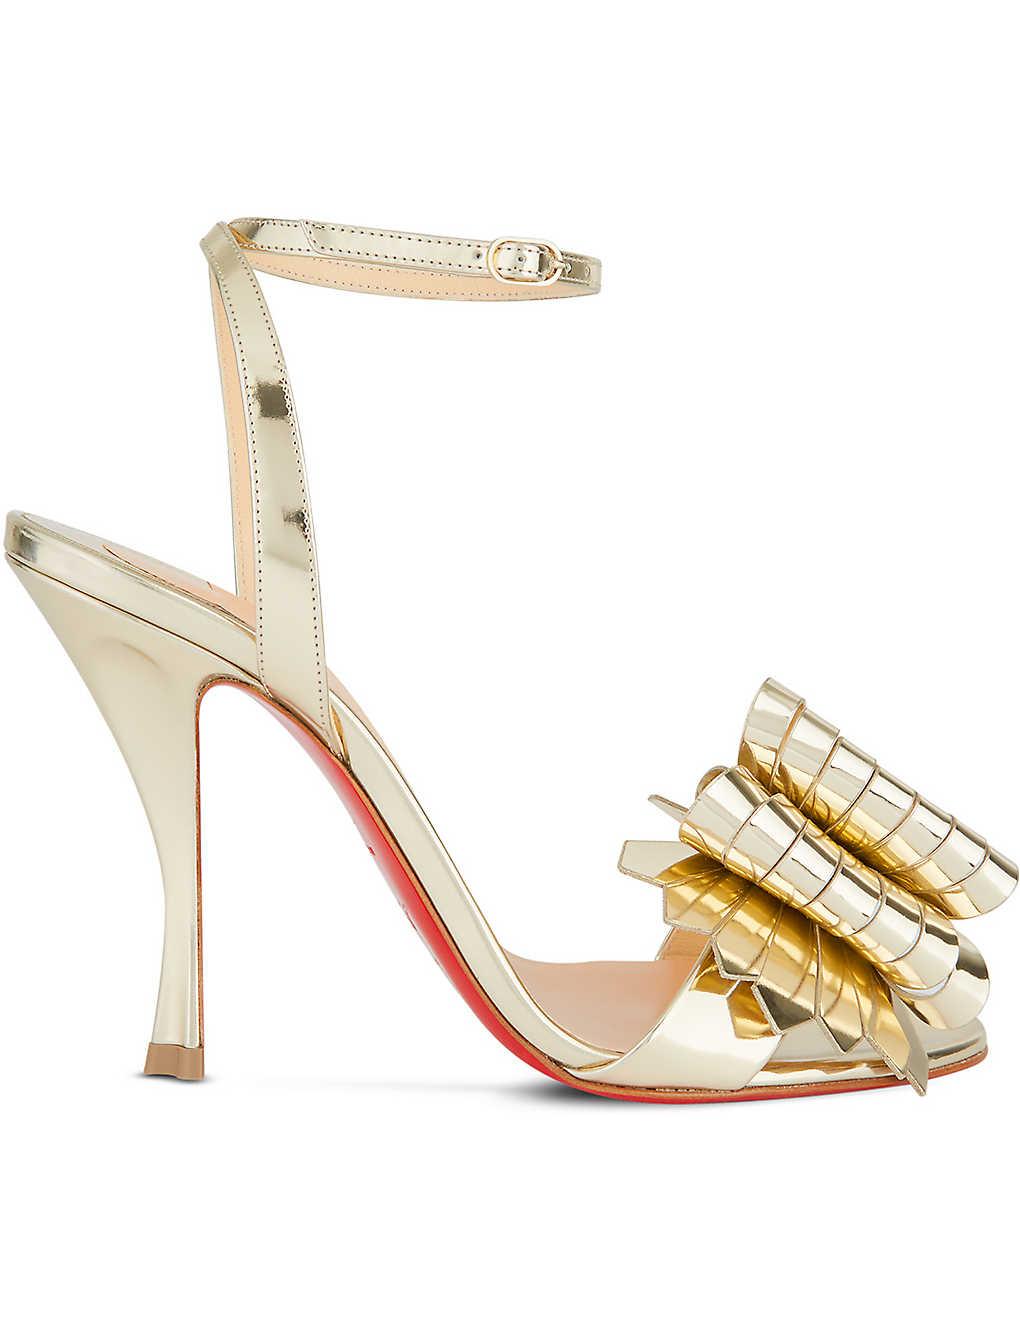 huge discount 3274c a152e CHRISTIAN LOUBOUTIN - Miss Valois 100 Specchio | Selfridges.com